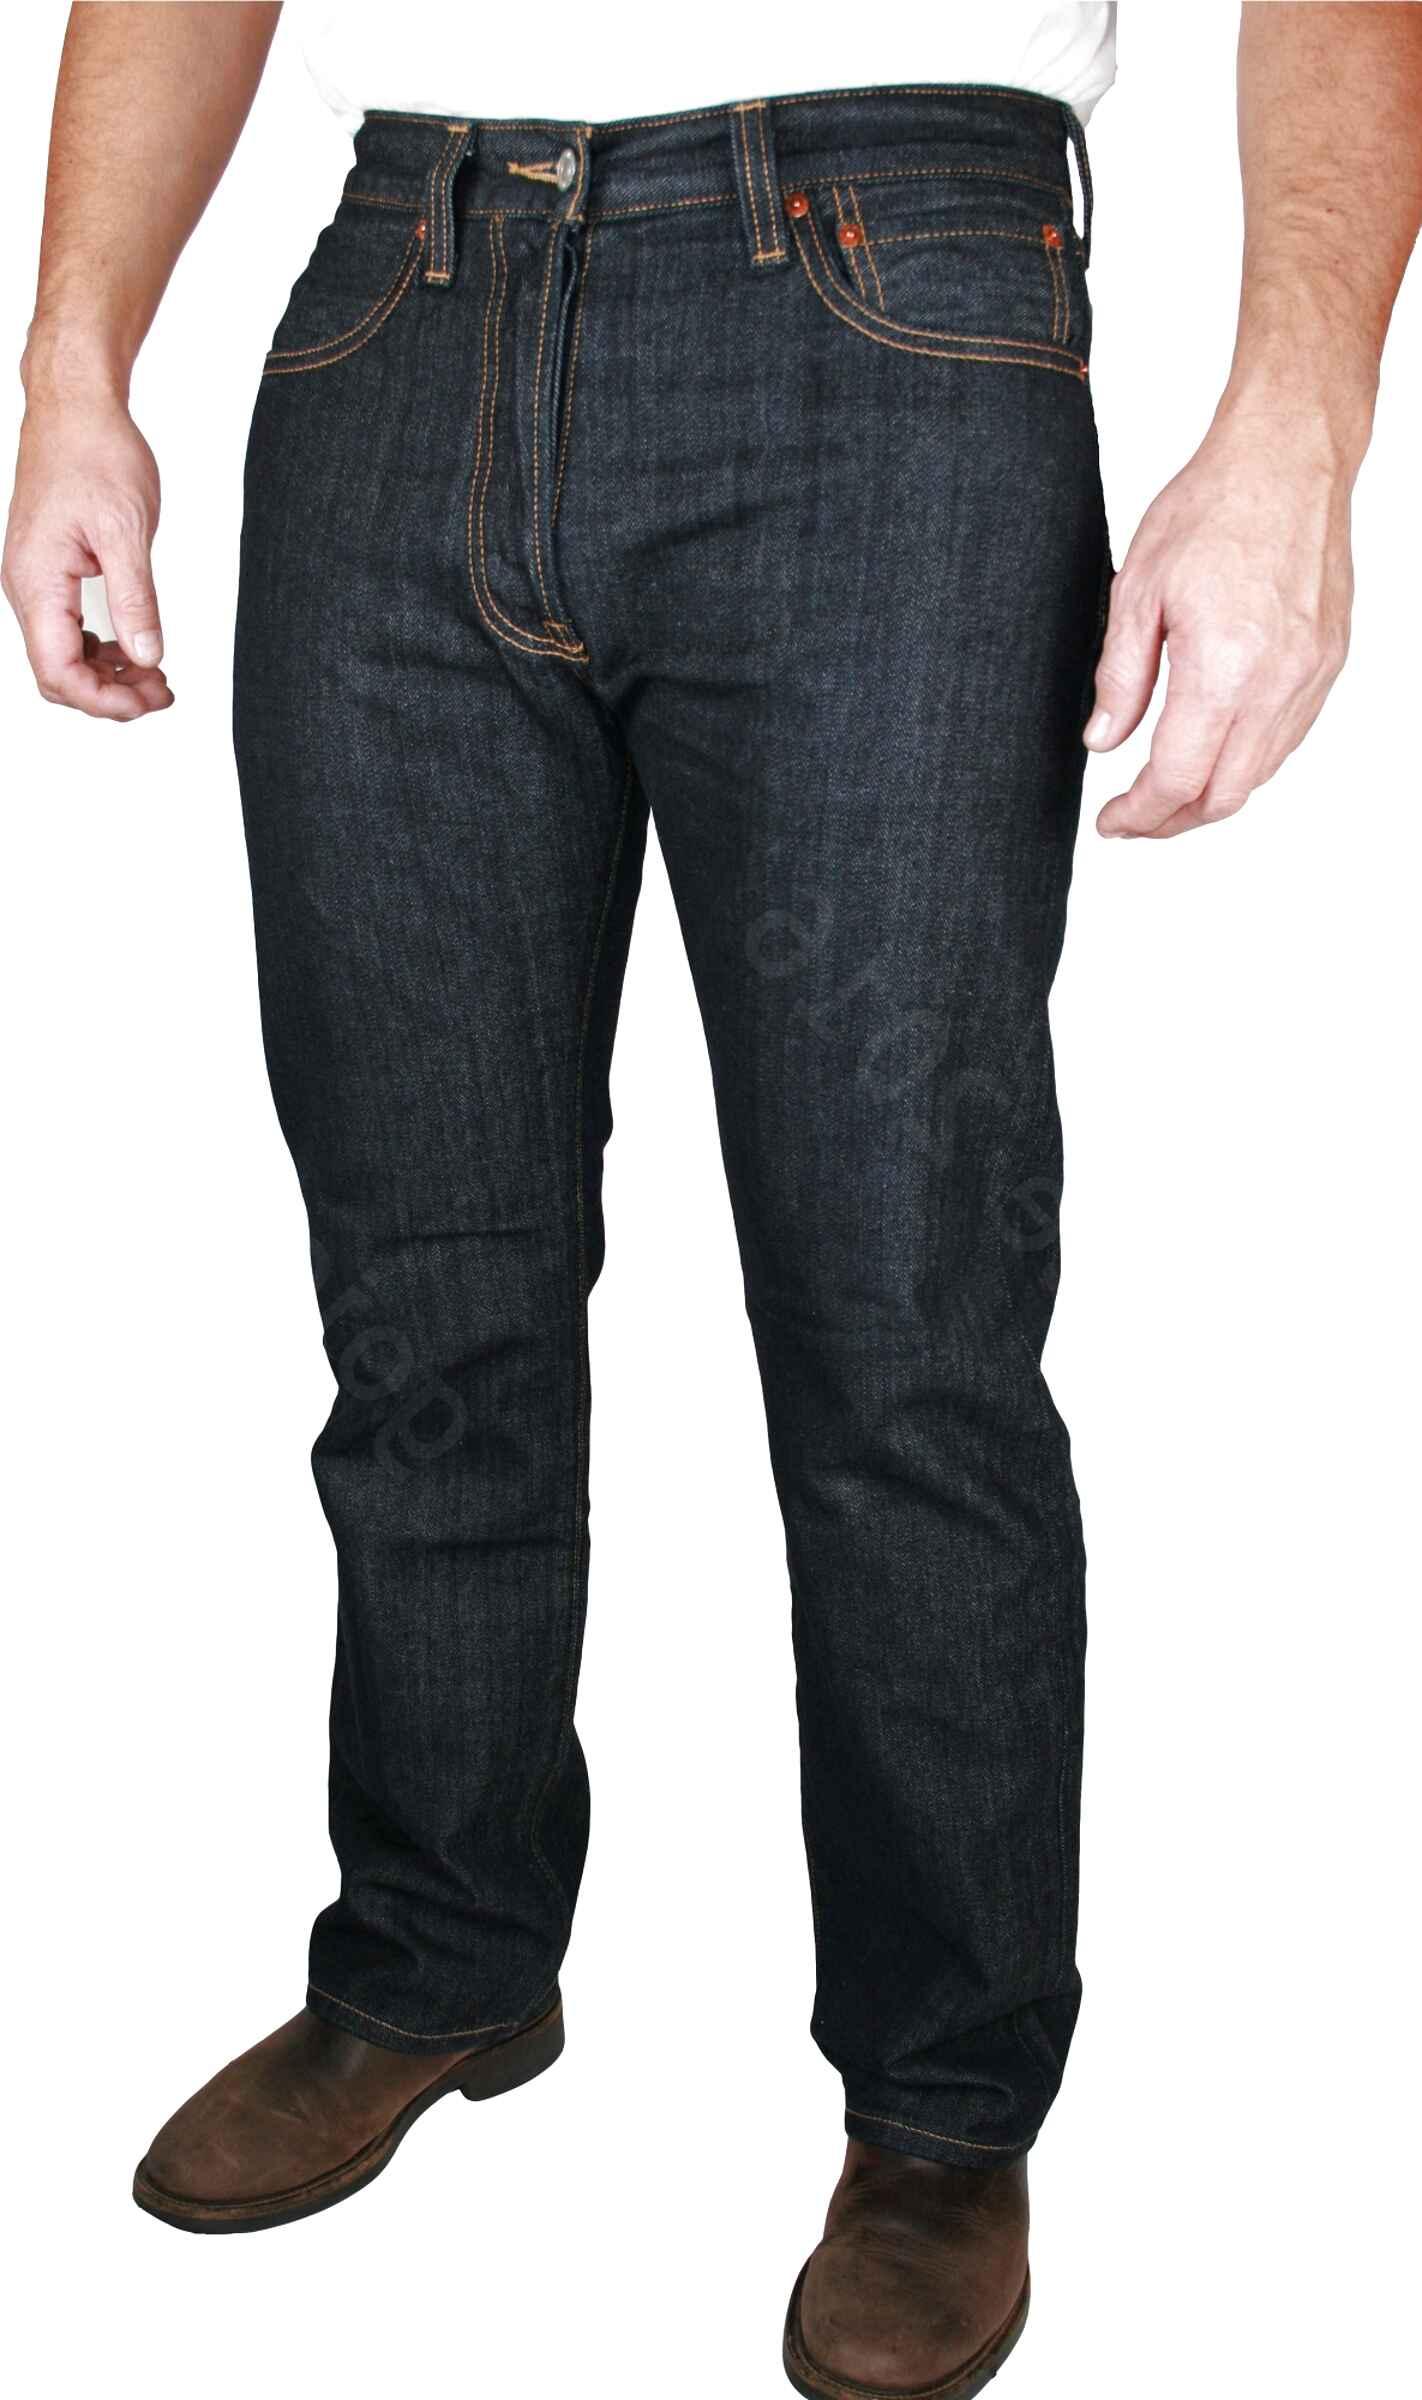 Venta De Pantalones Levis 69 Articulos De Segunda Mano